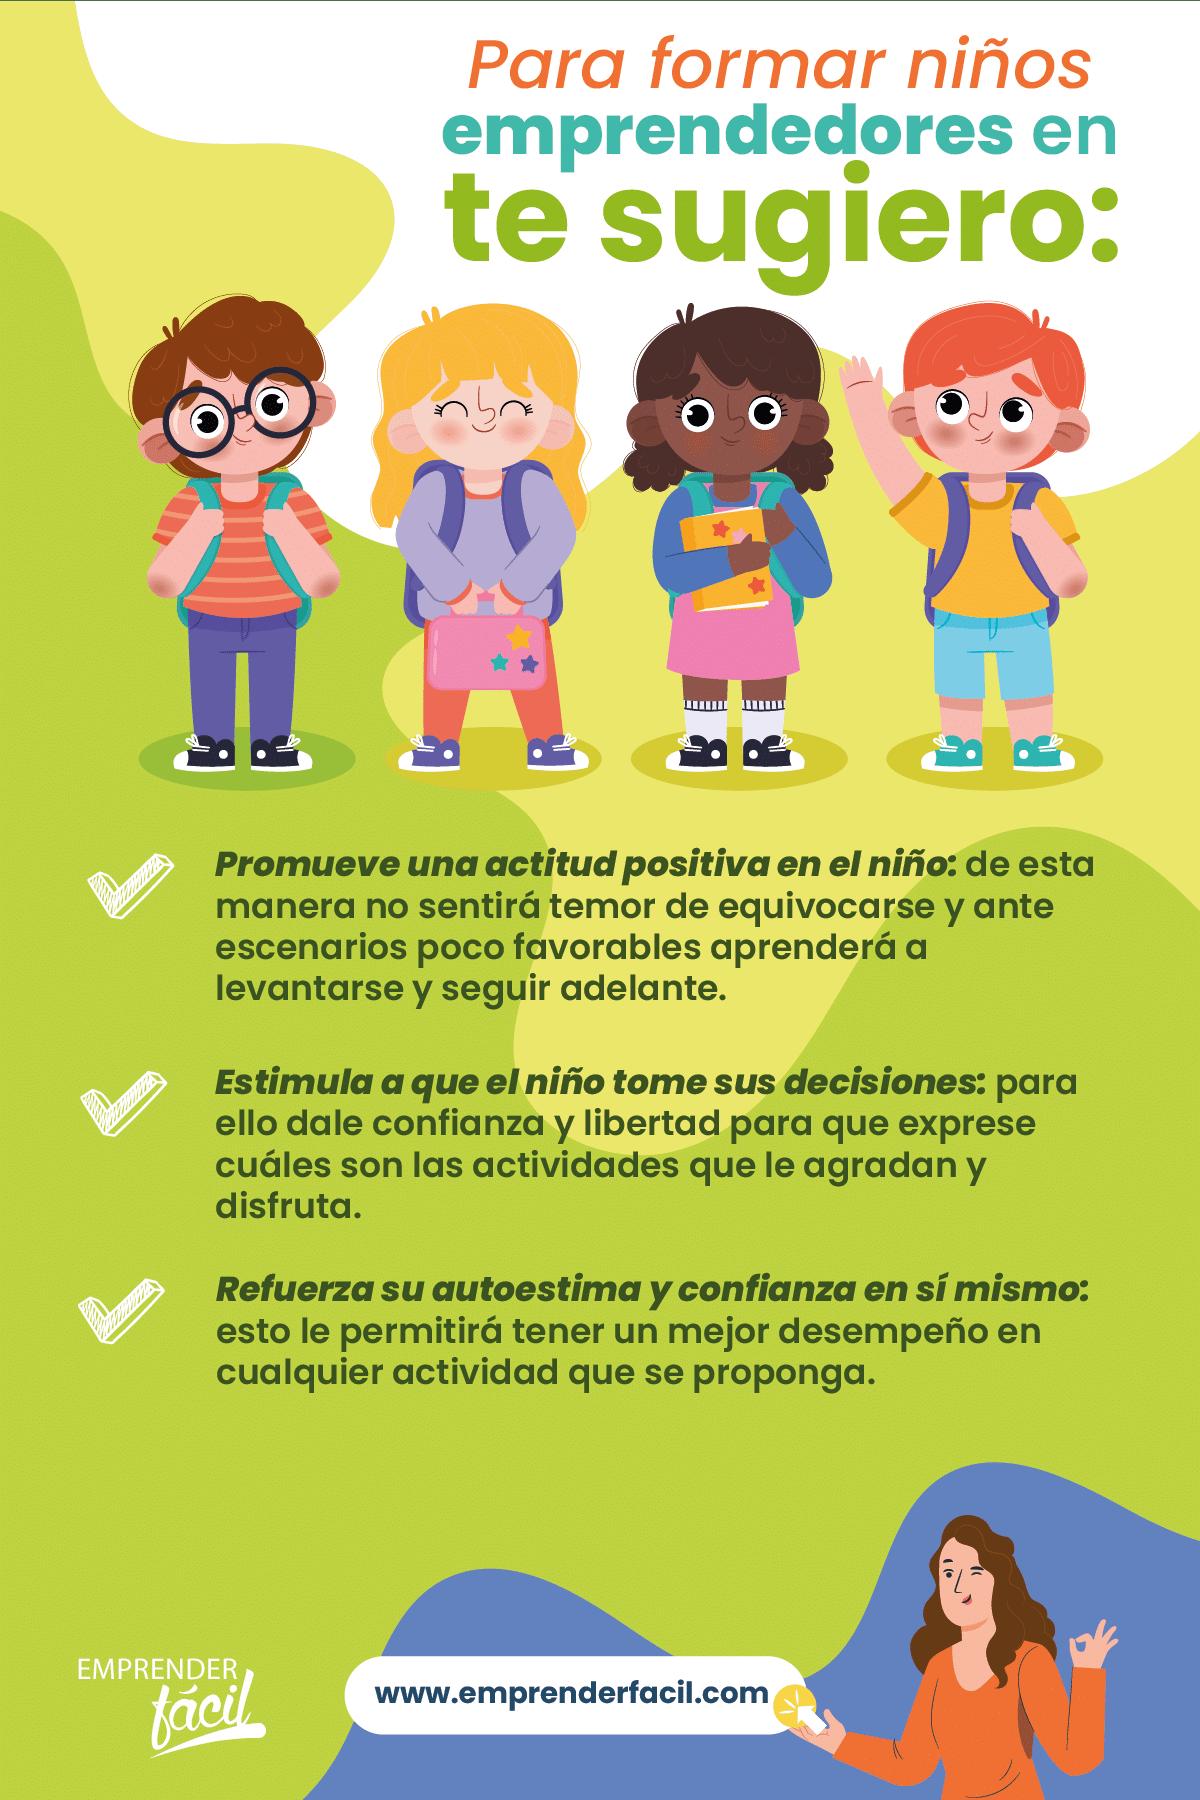 Sugerencias para formar niños emprendedores.